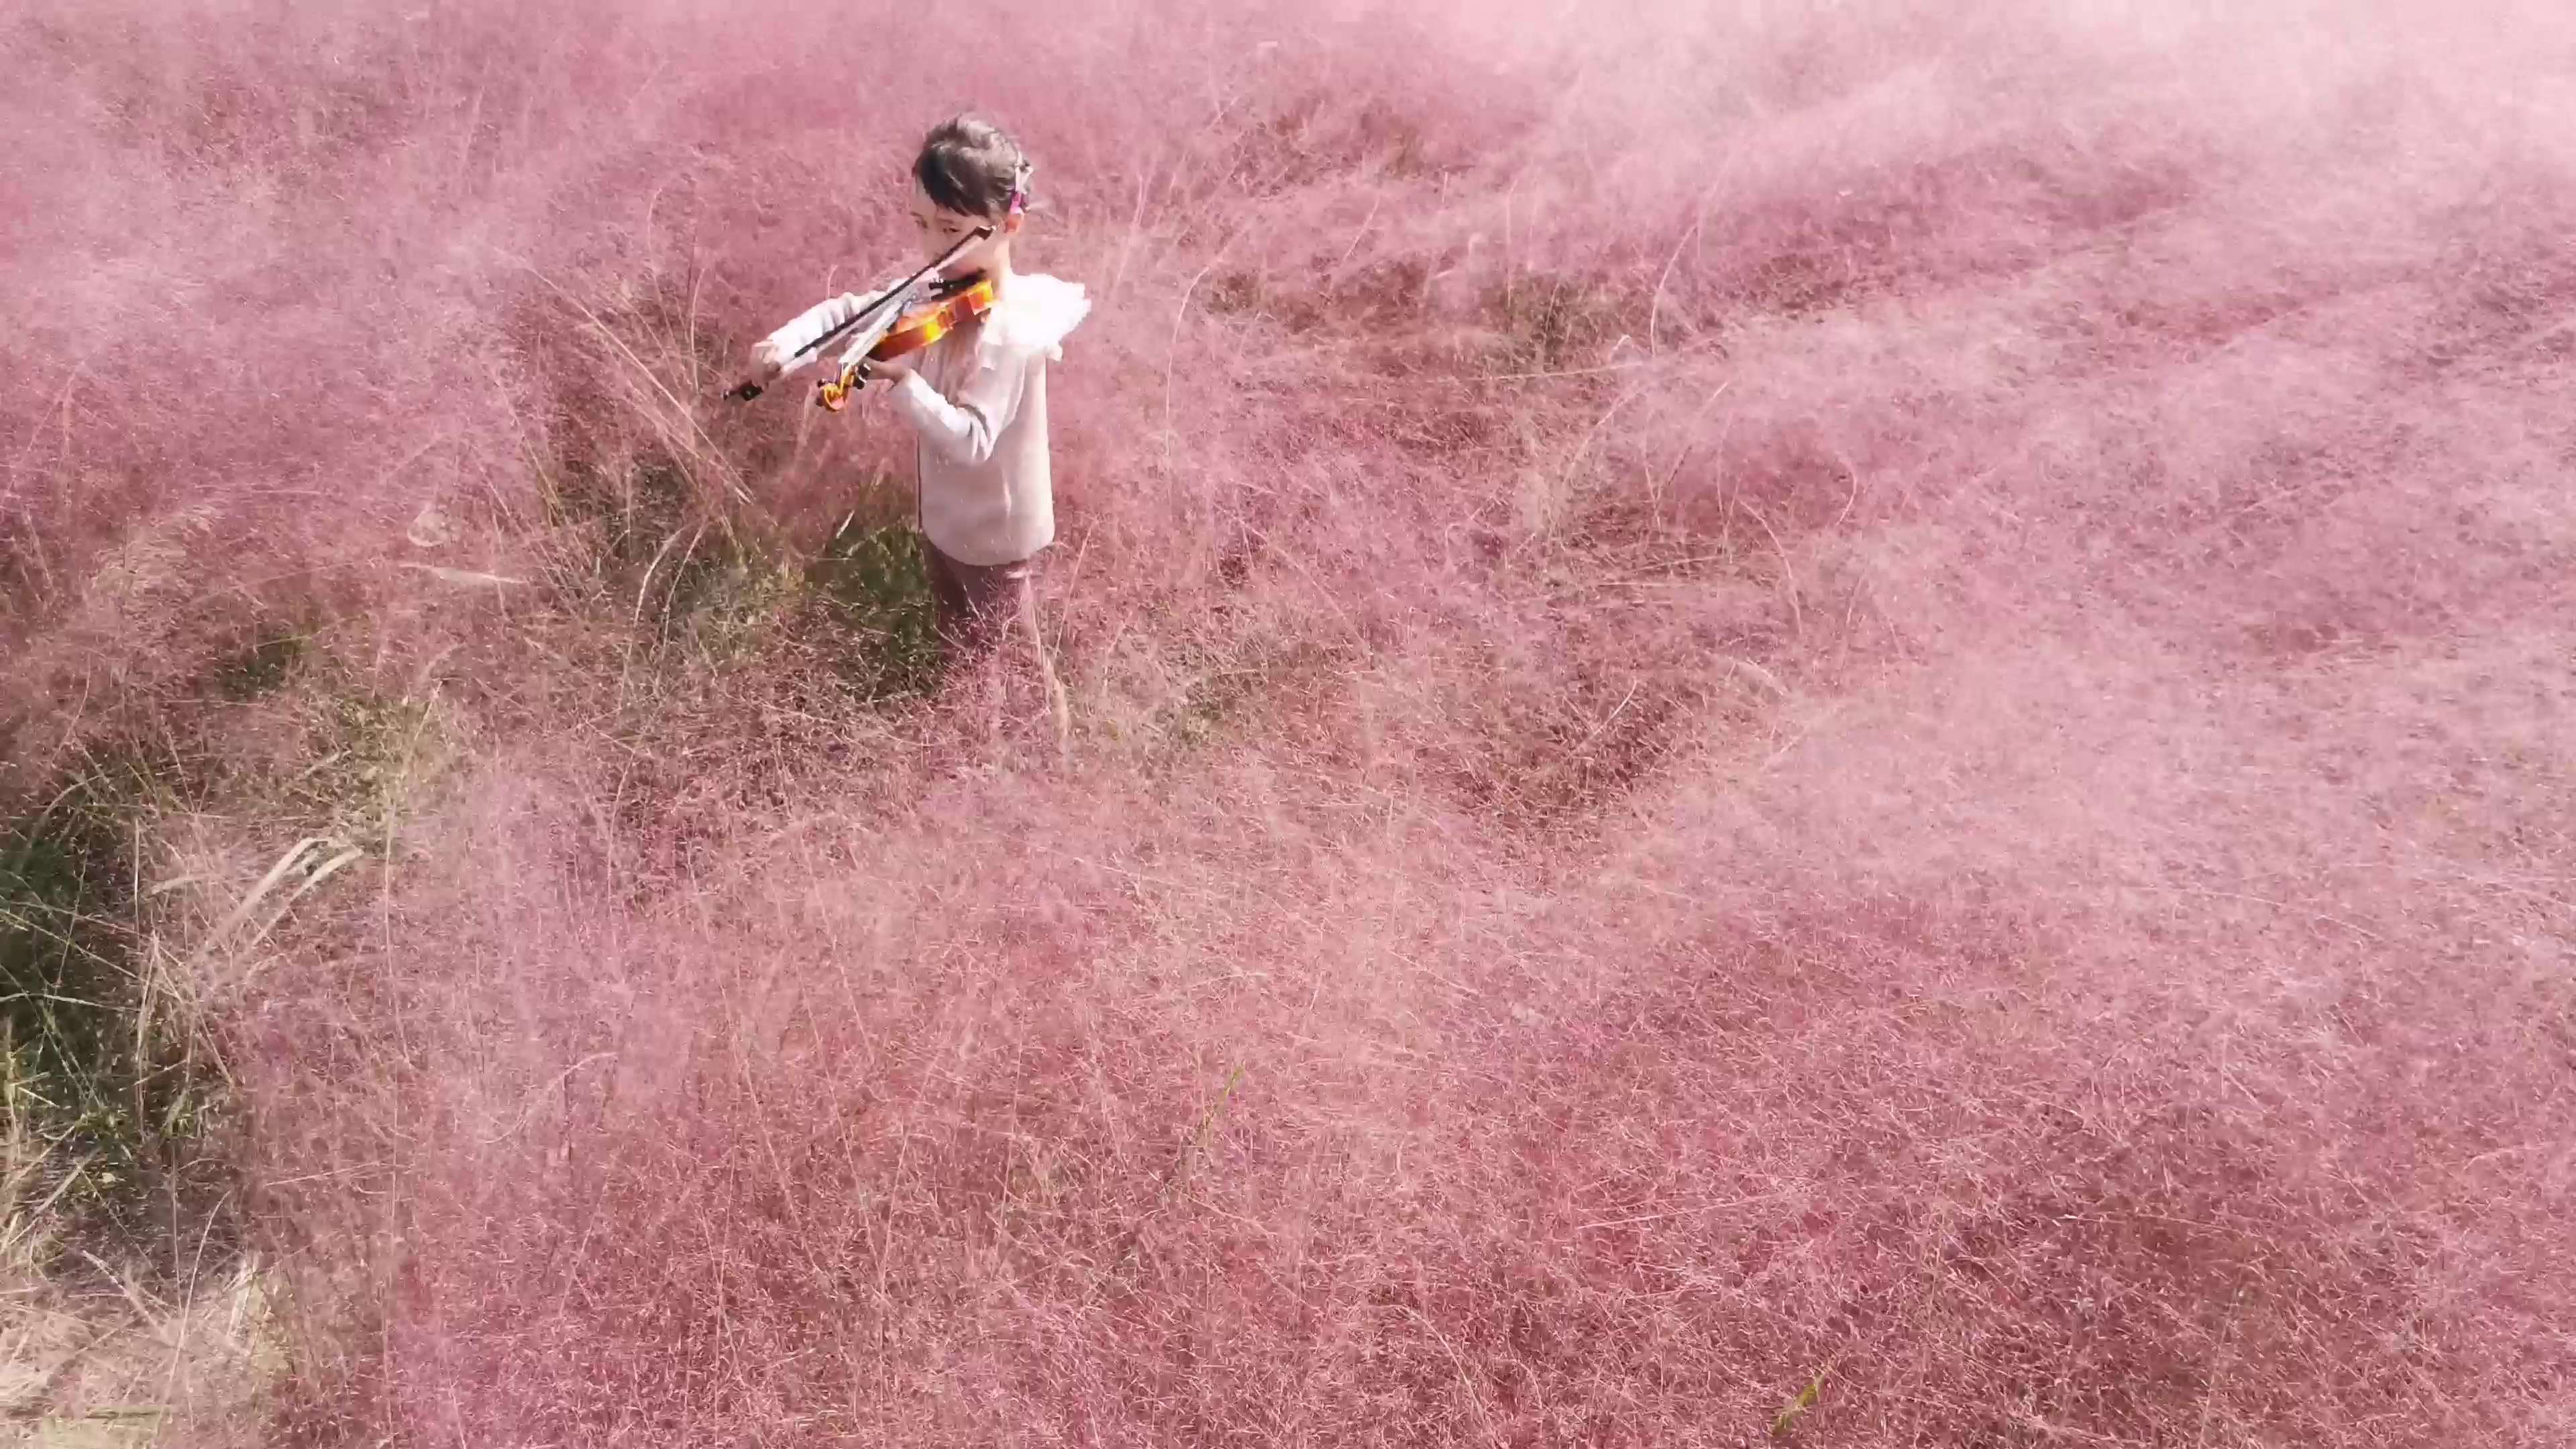 风动,如梦如幻,花粉随手拍-花粉俱乐部